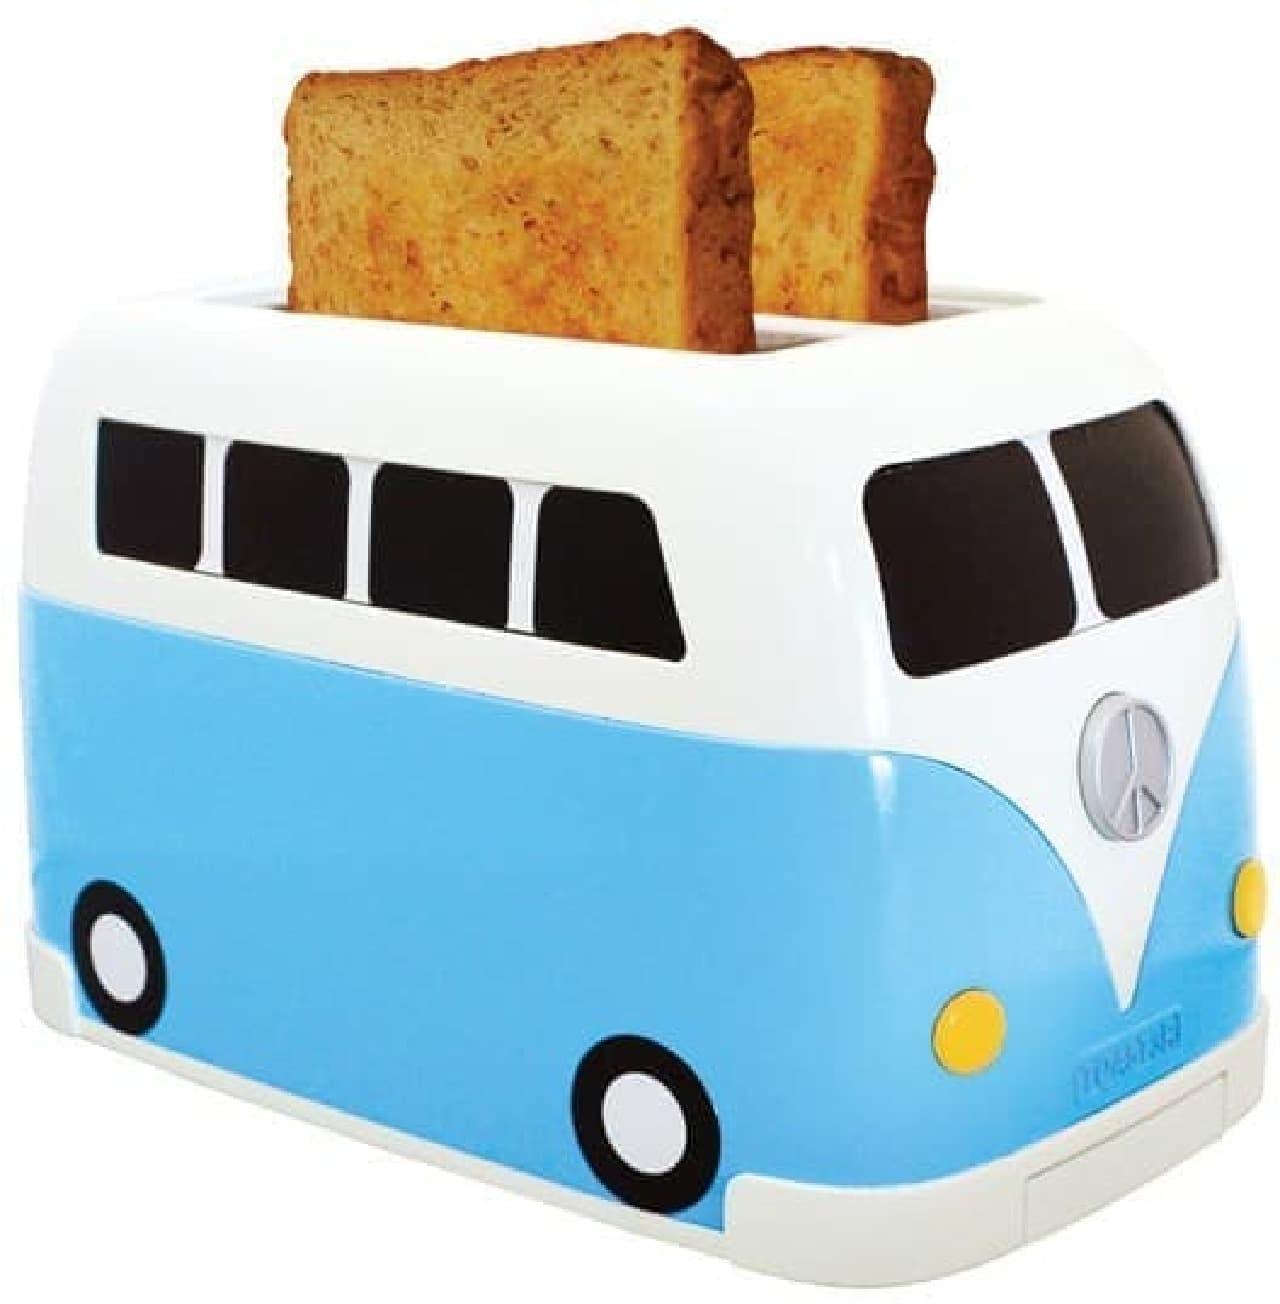 ワーゲンバスを模したトースター「Camper Van Toaster」